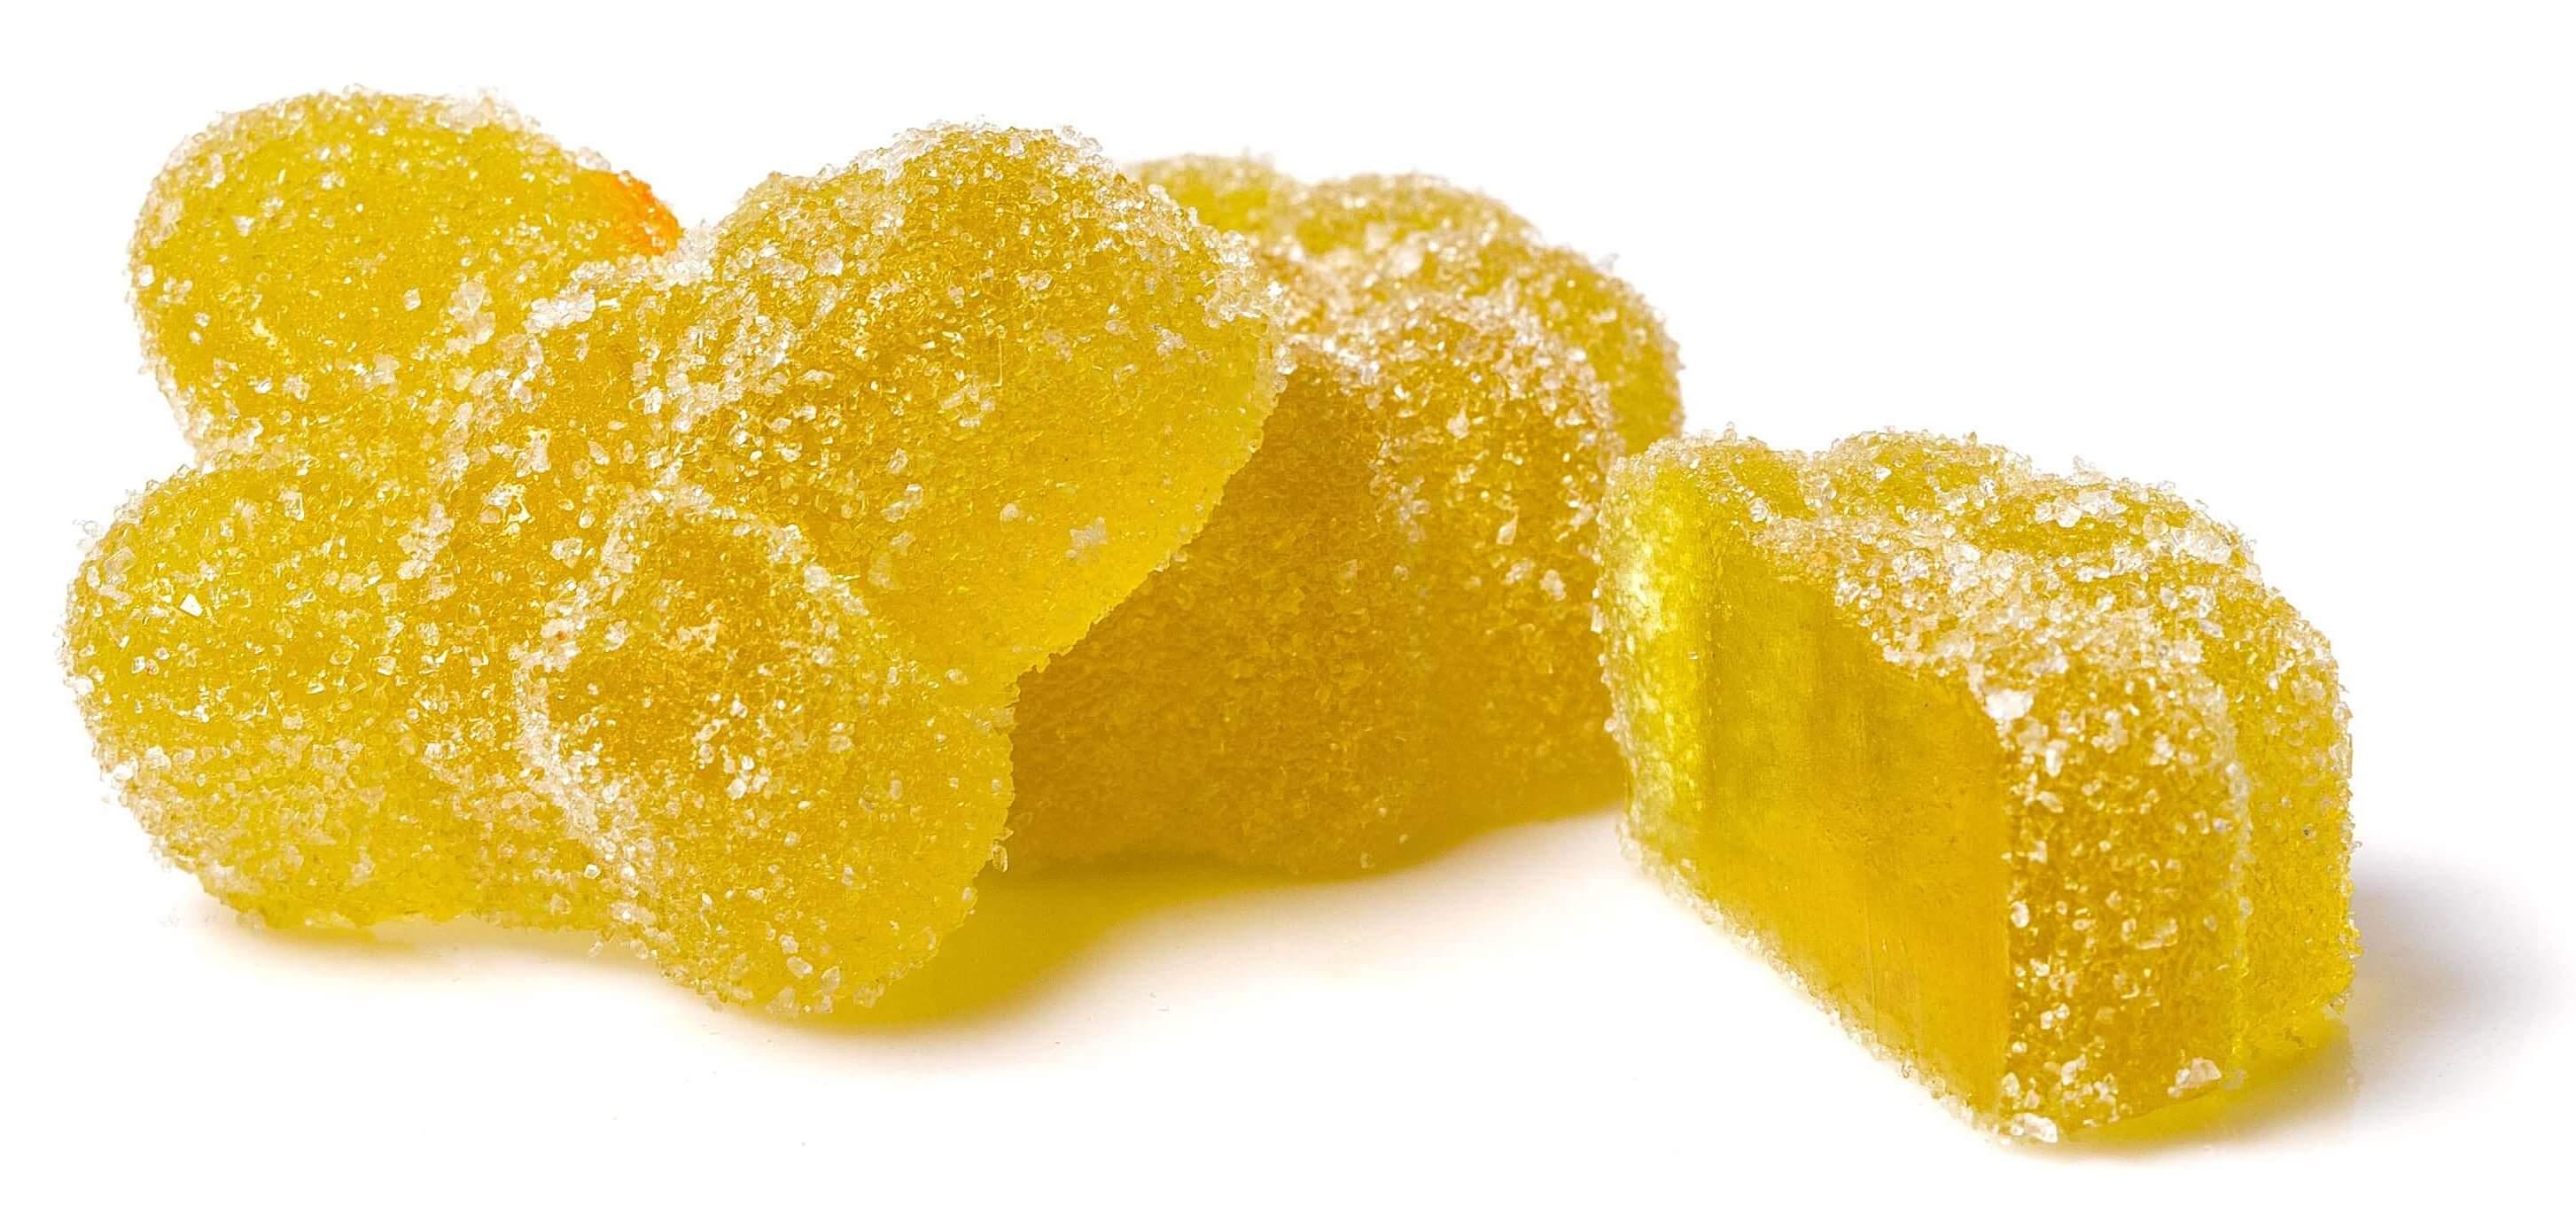 """Jelly """"Marmelashka"""", packed фото 3"""